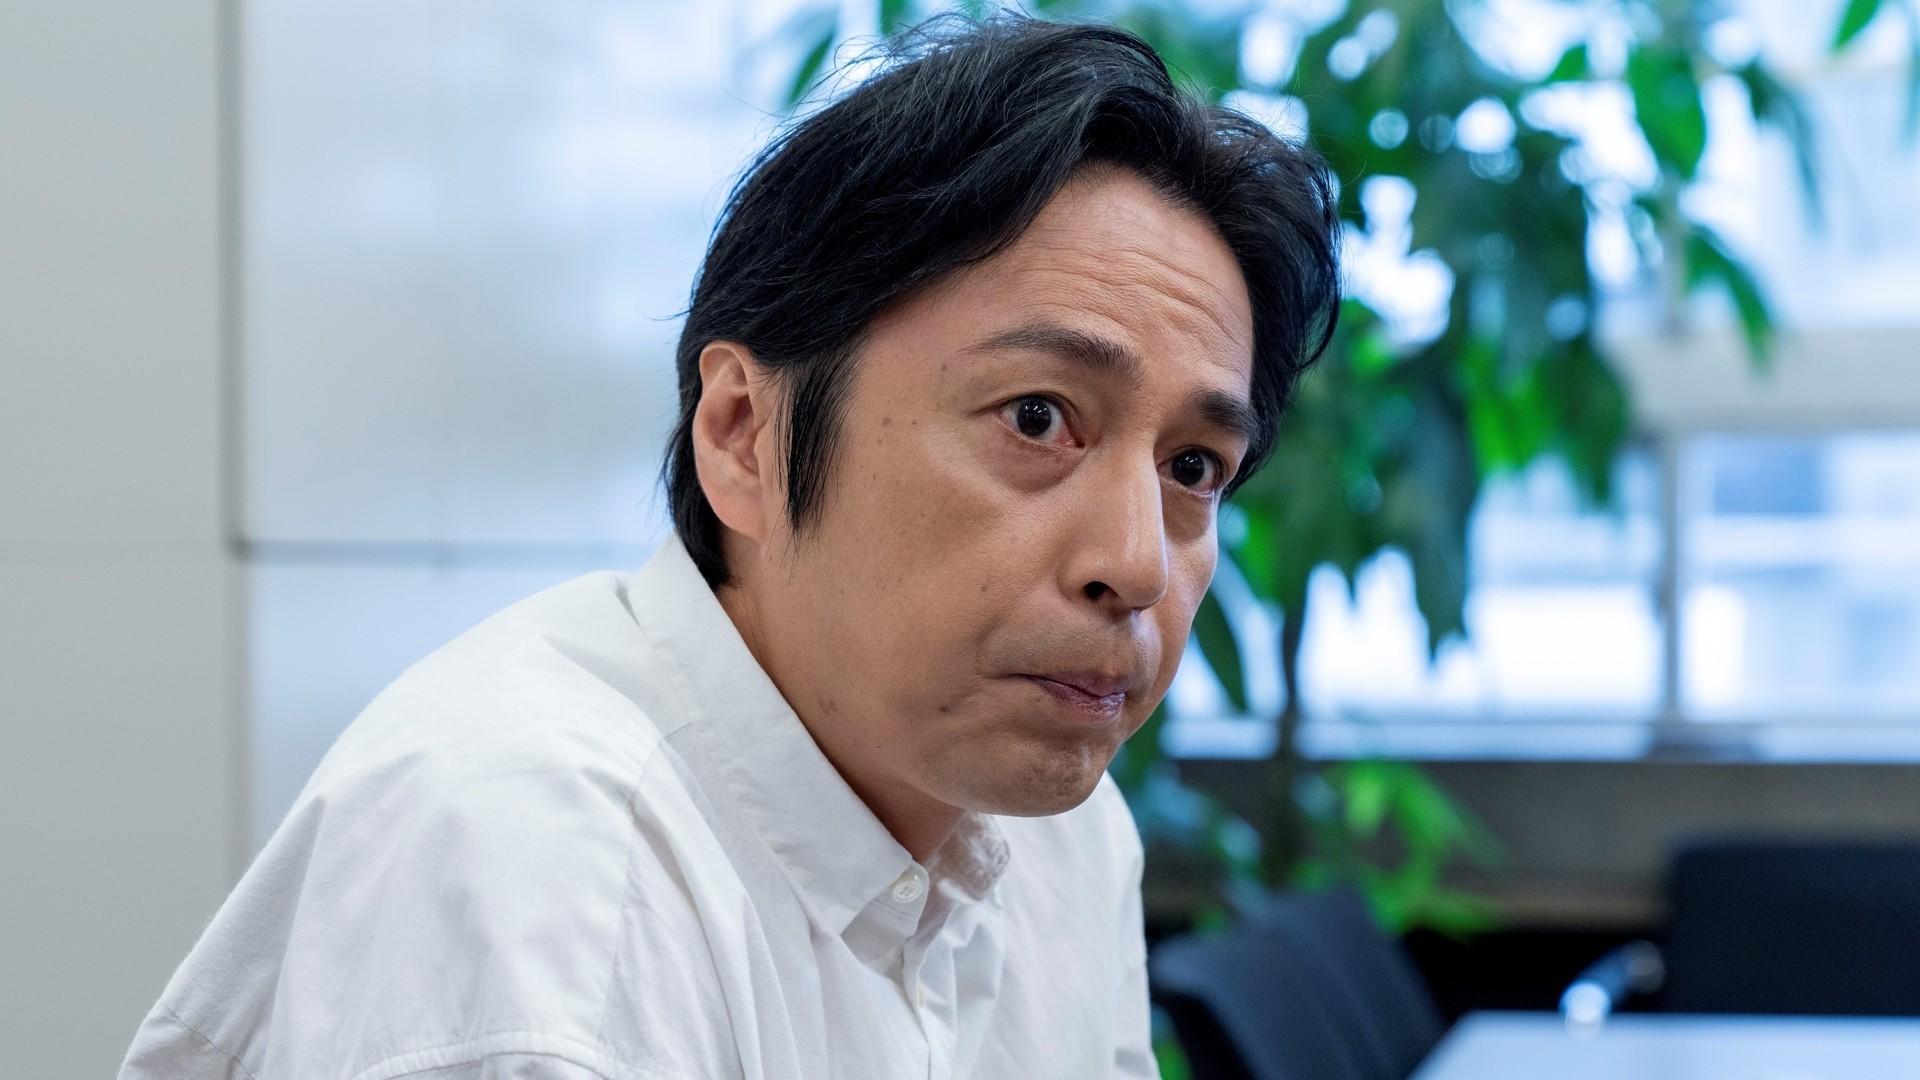 チュート徳井…地上波復活したけど廃業の危機??